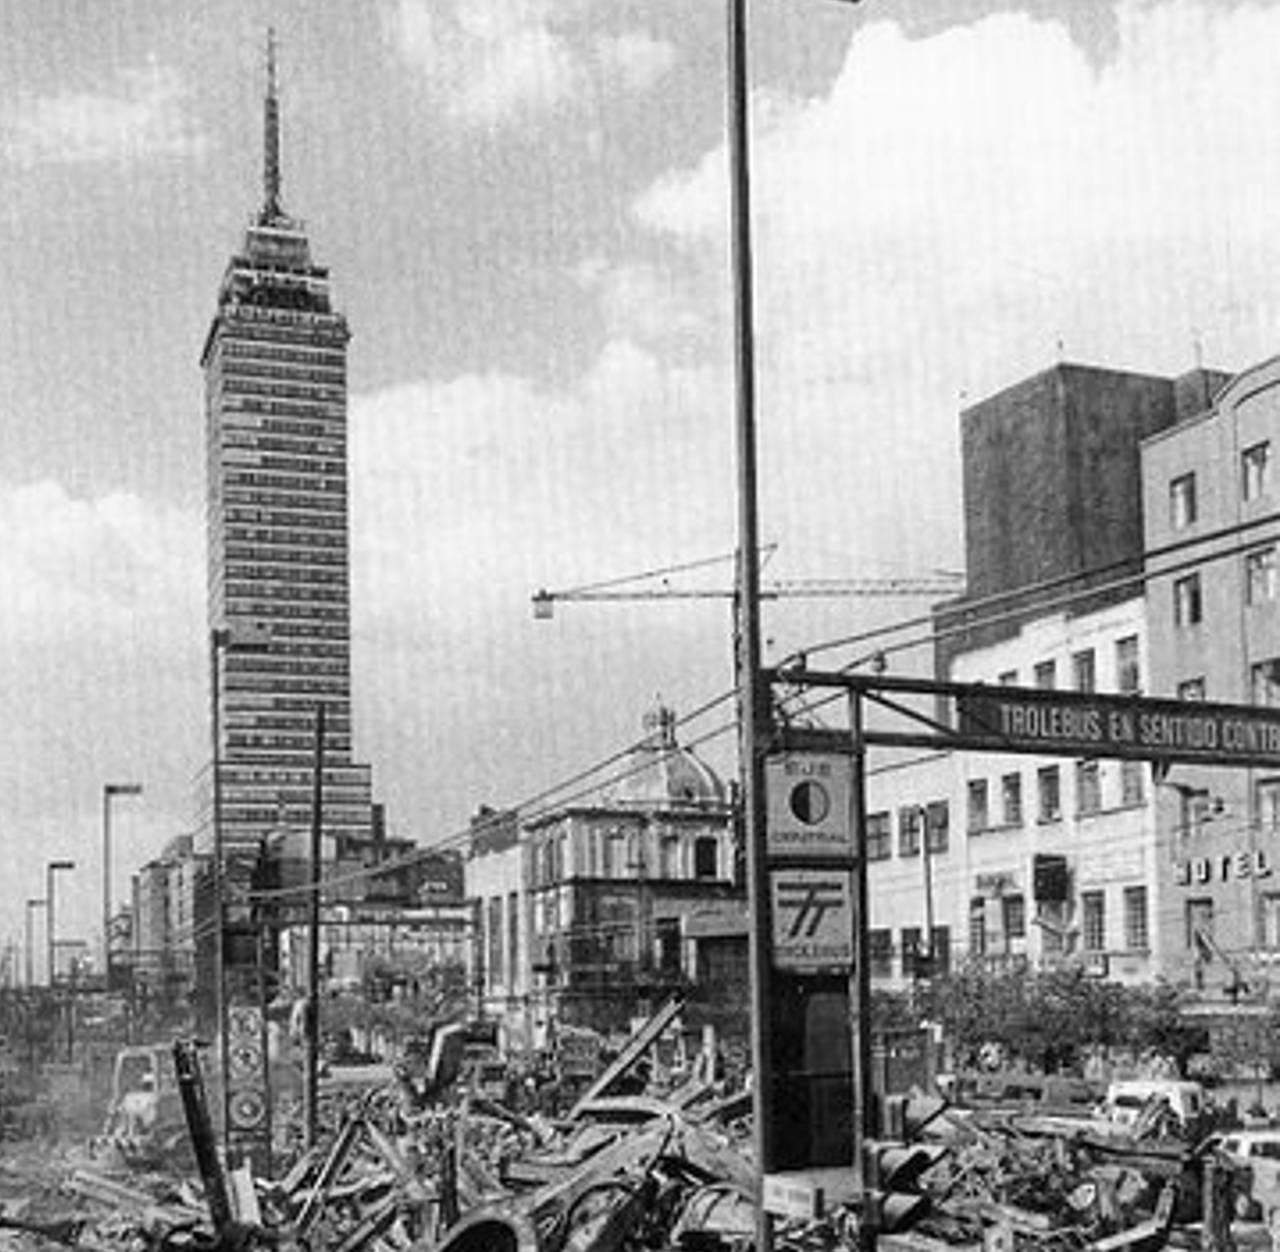 La torre subsistió a dos sismos; aquí está después del sismo de 1985